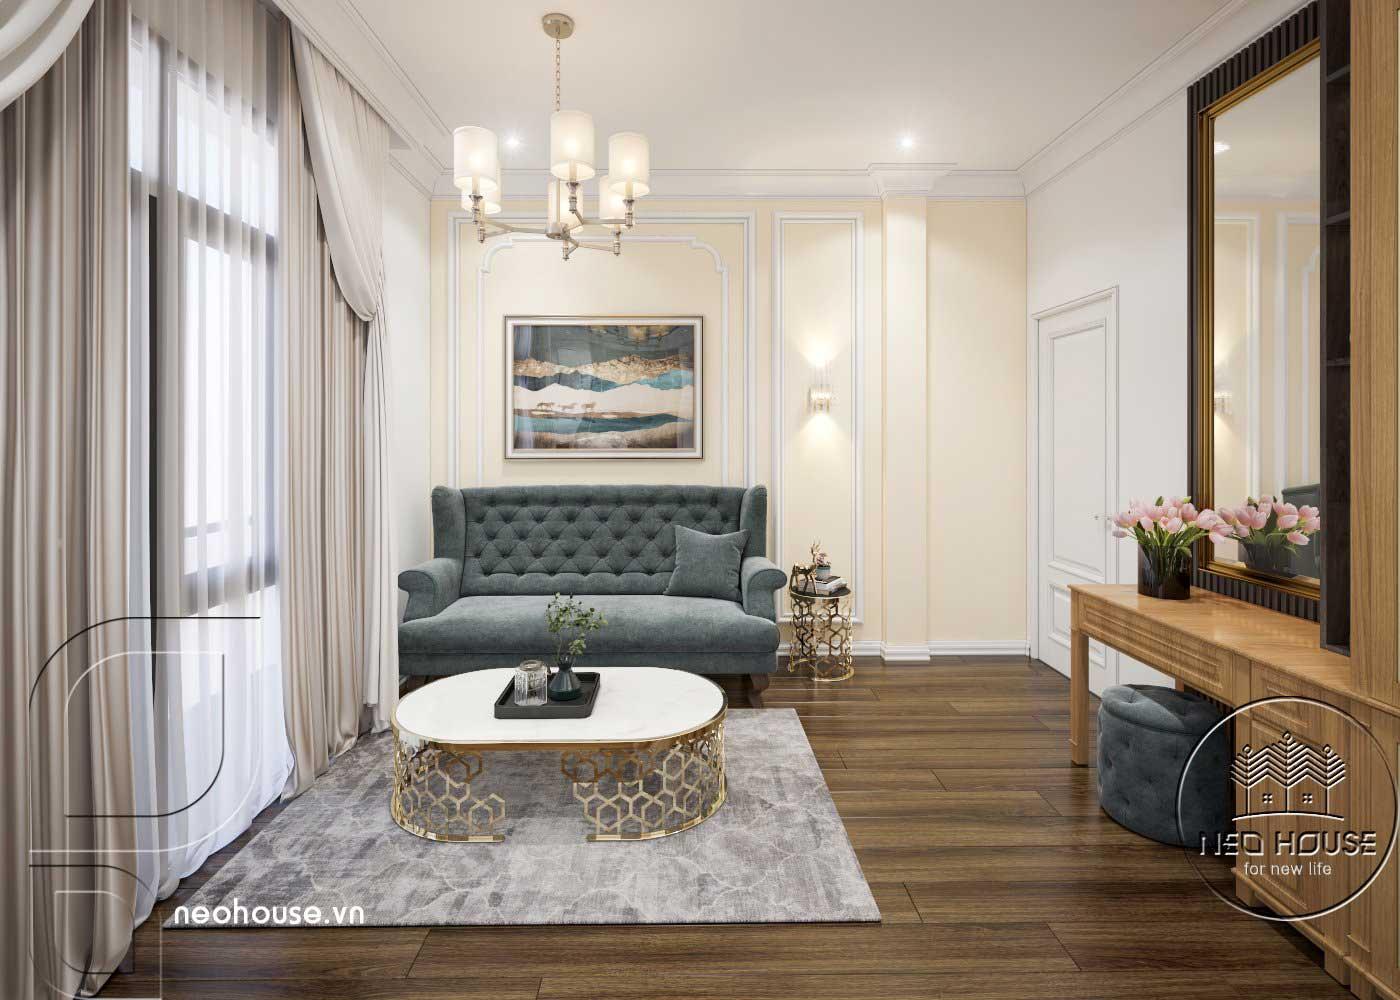 Thiết kế thi công cải tạo nhà phố 3 tầng với không gian nội thất phòng ngủ Master 01. Ảnh 3